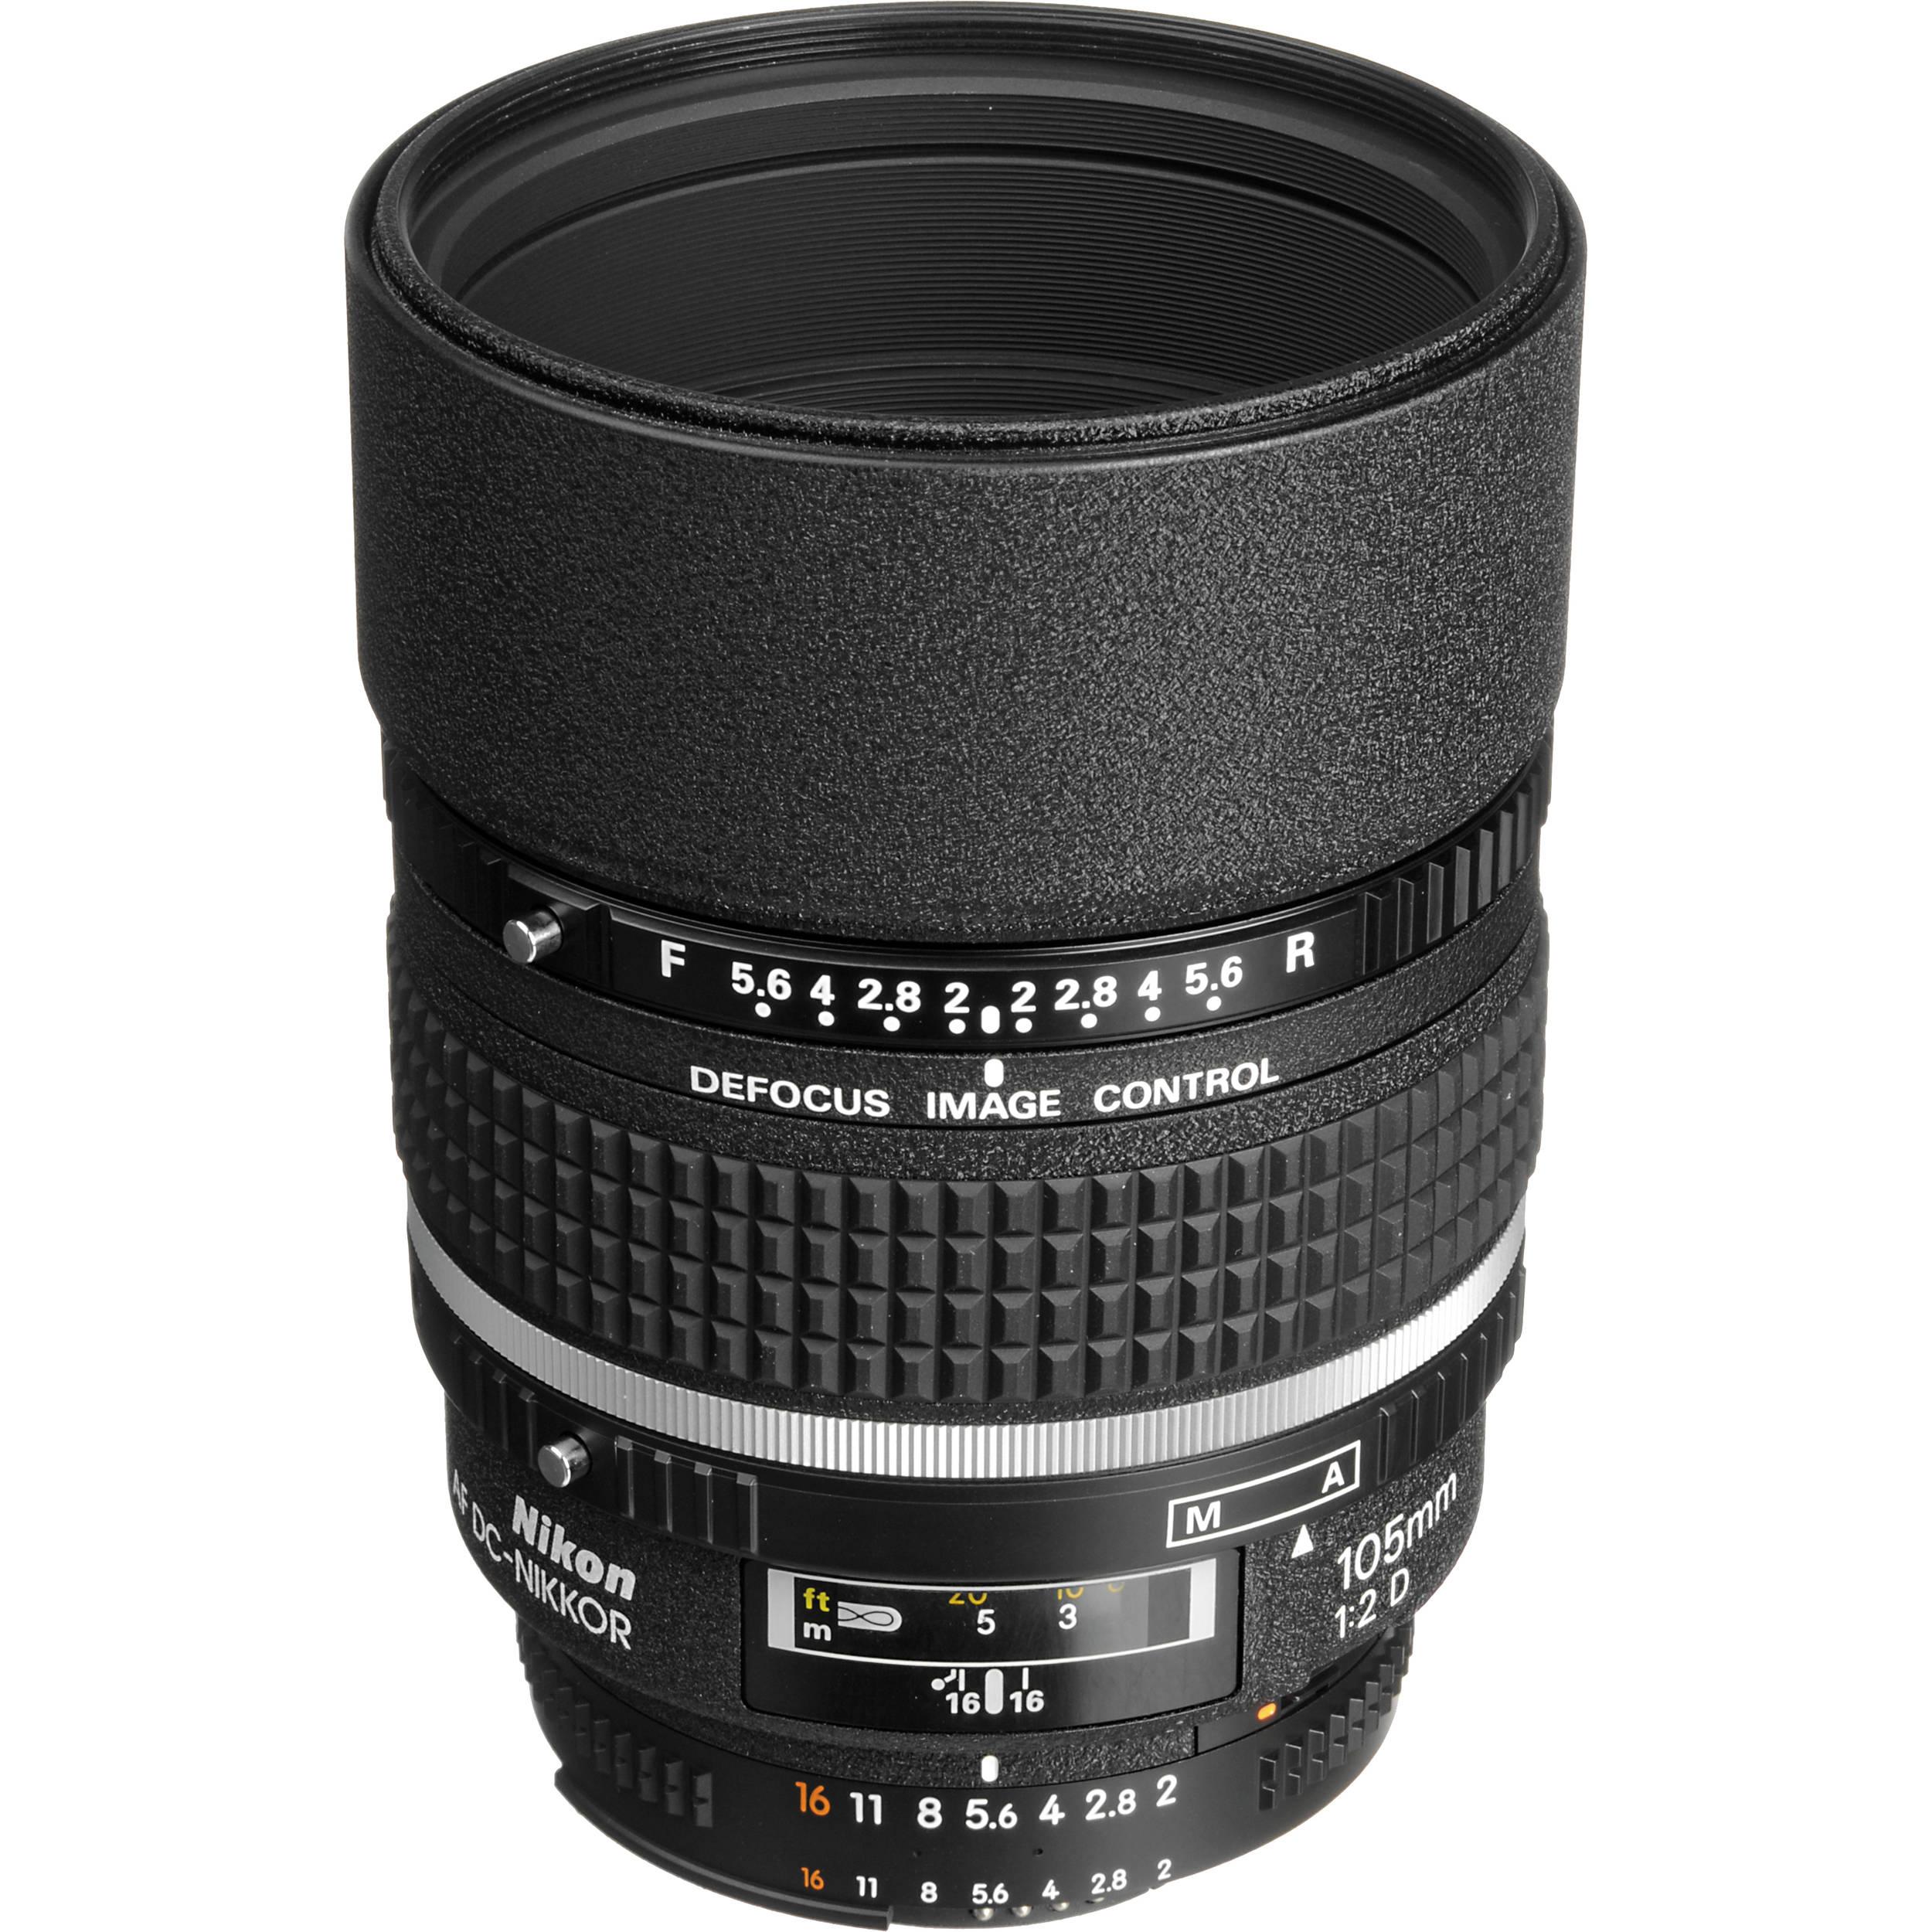 Nikon AF DC NIKKOR 105mm f 2D Lens